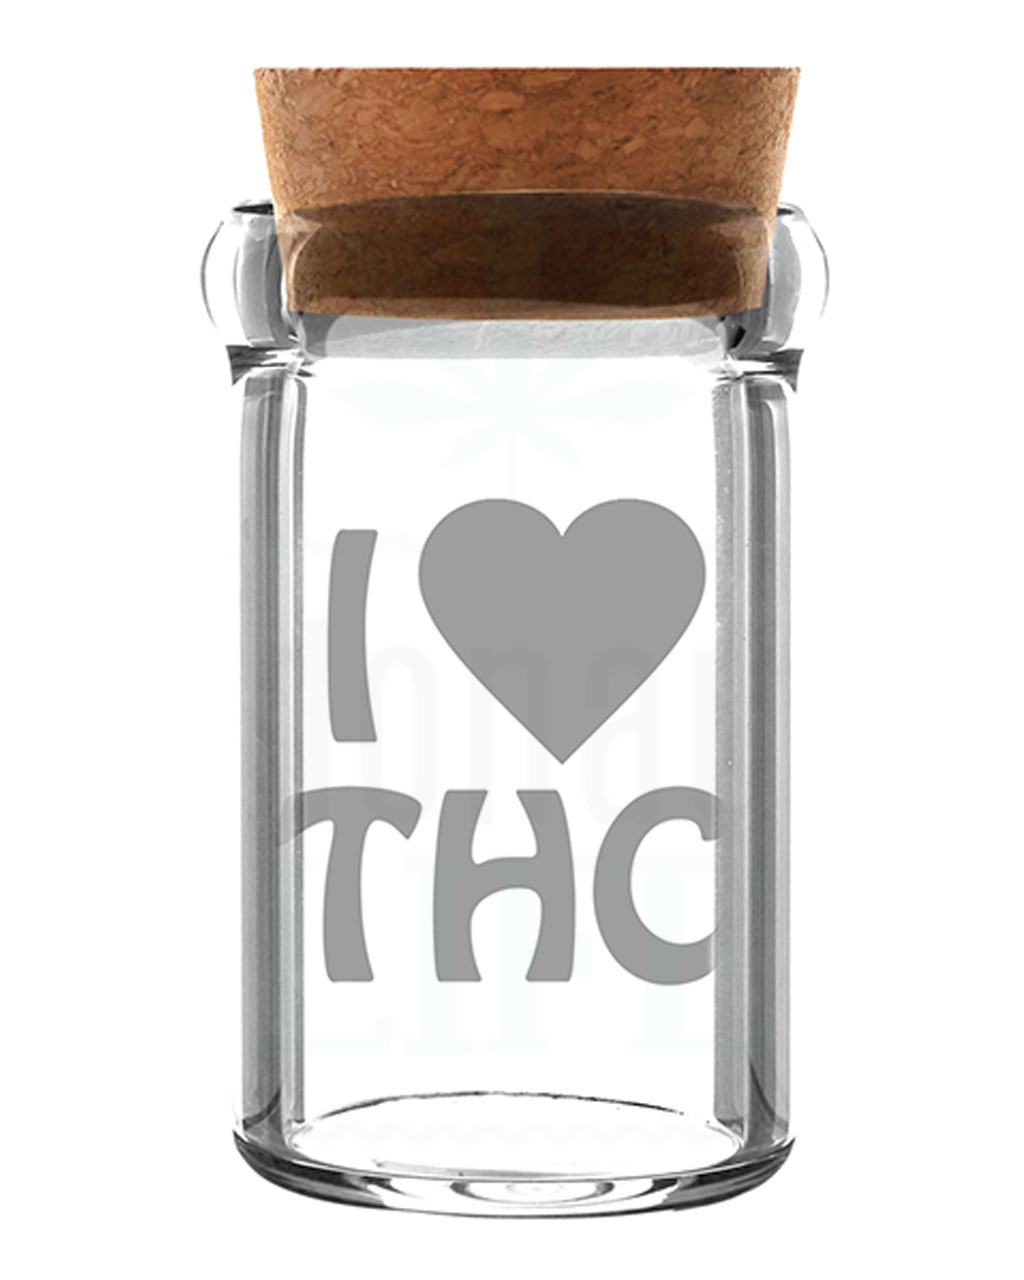 Aufbewahrung WEEDJAR Glasdose mit Korkverschluss | 135 ml